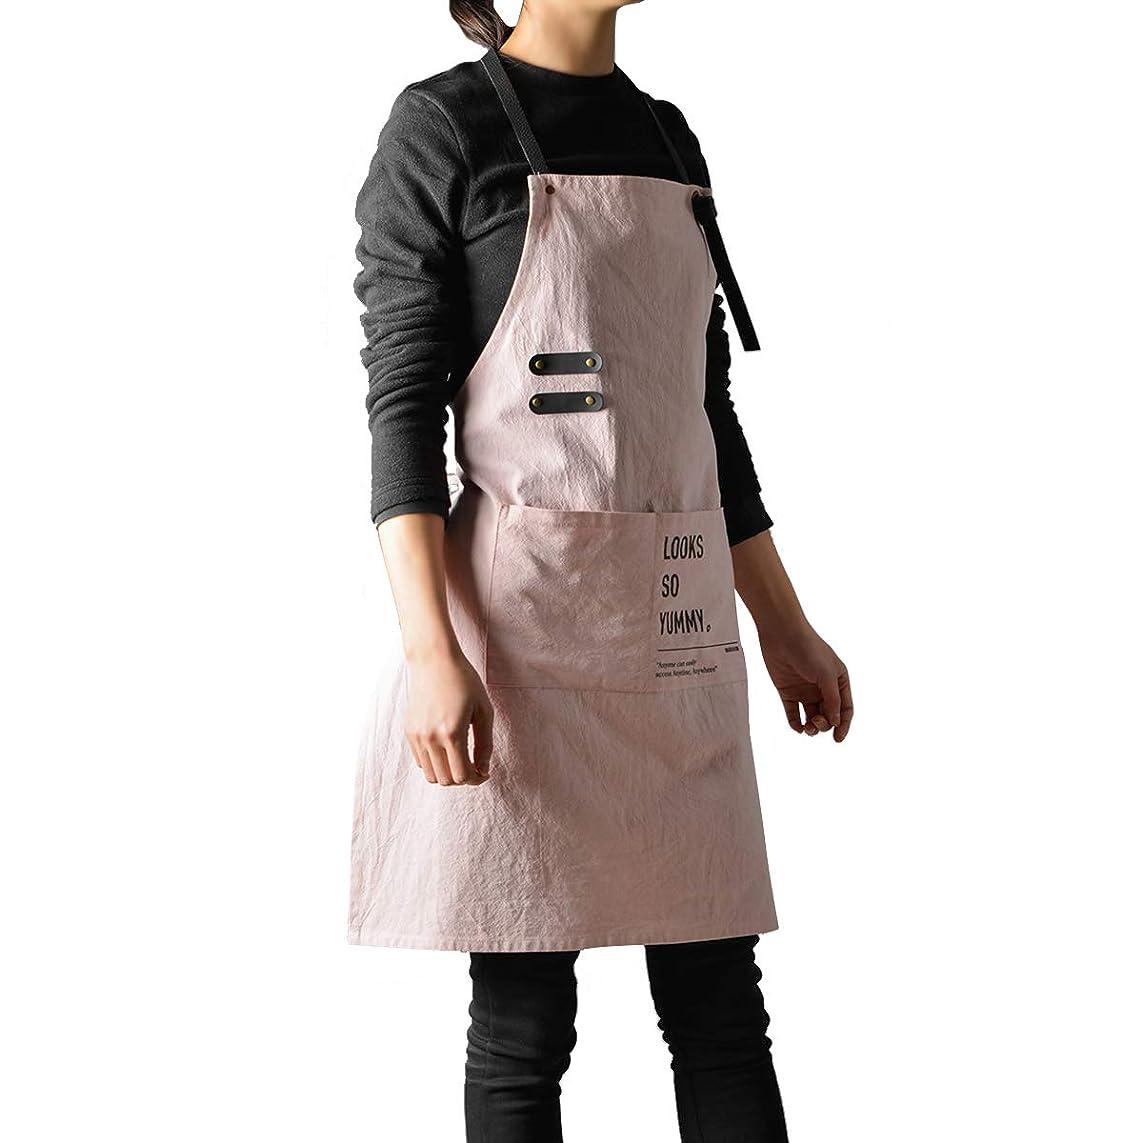 接続どうやって異邦人SANIQUEEN.G シンプルエプロン 首掛け 男女兼用 カフェ エプロン 陶芸 作業用 料理教室 ポケット付きエプロン (ピンク)